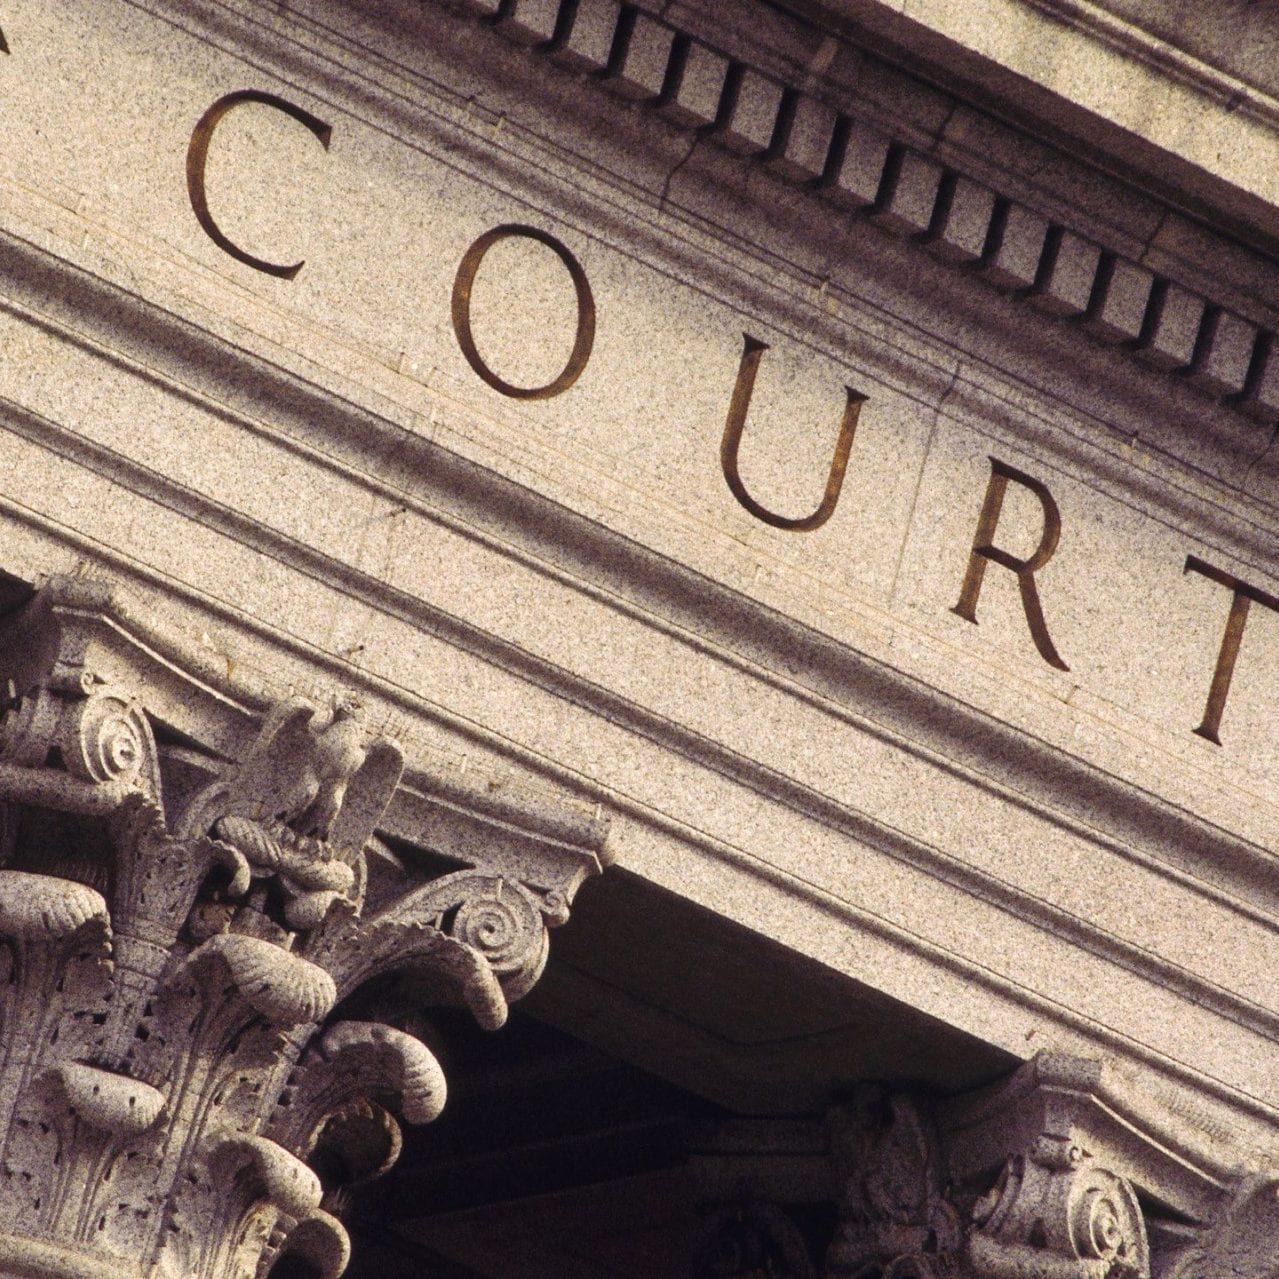 4015 - Litigation Image